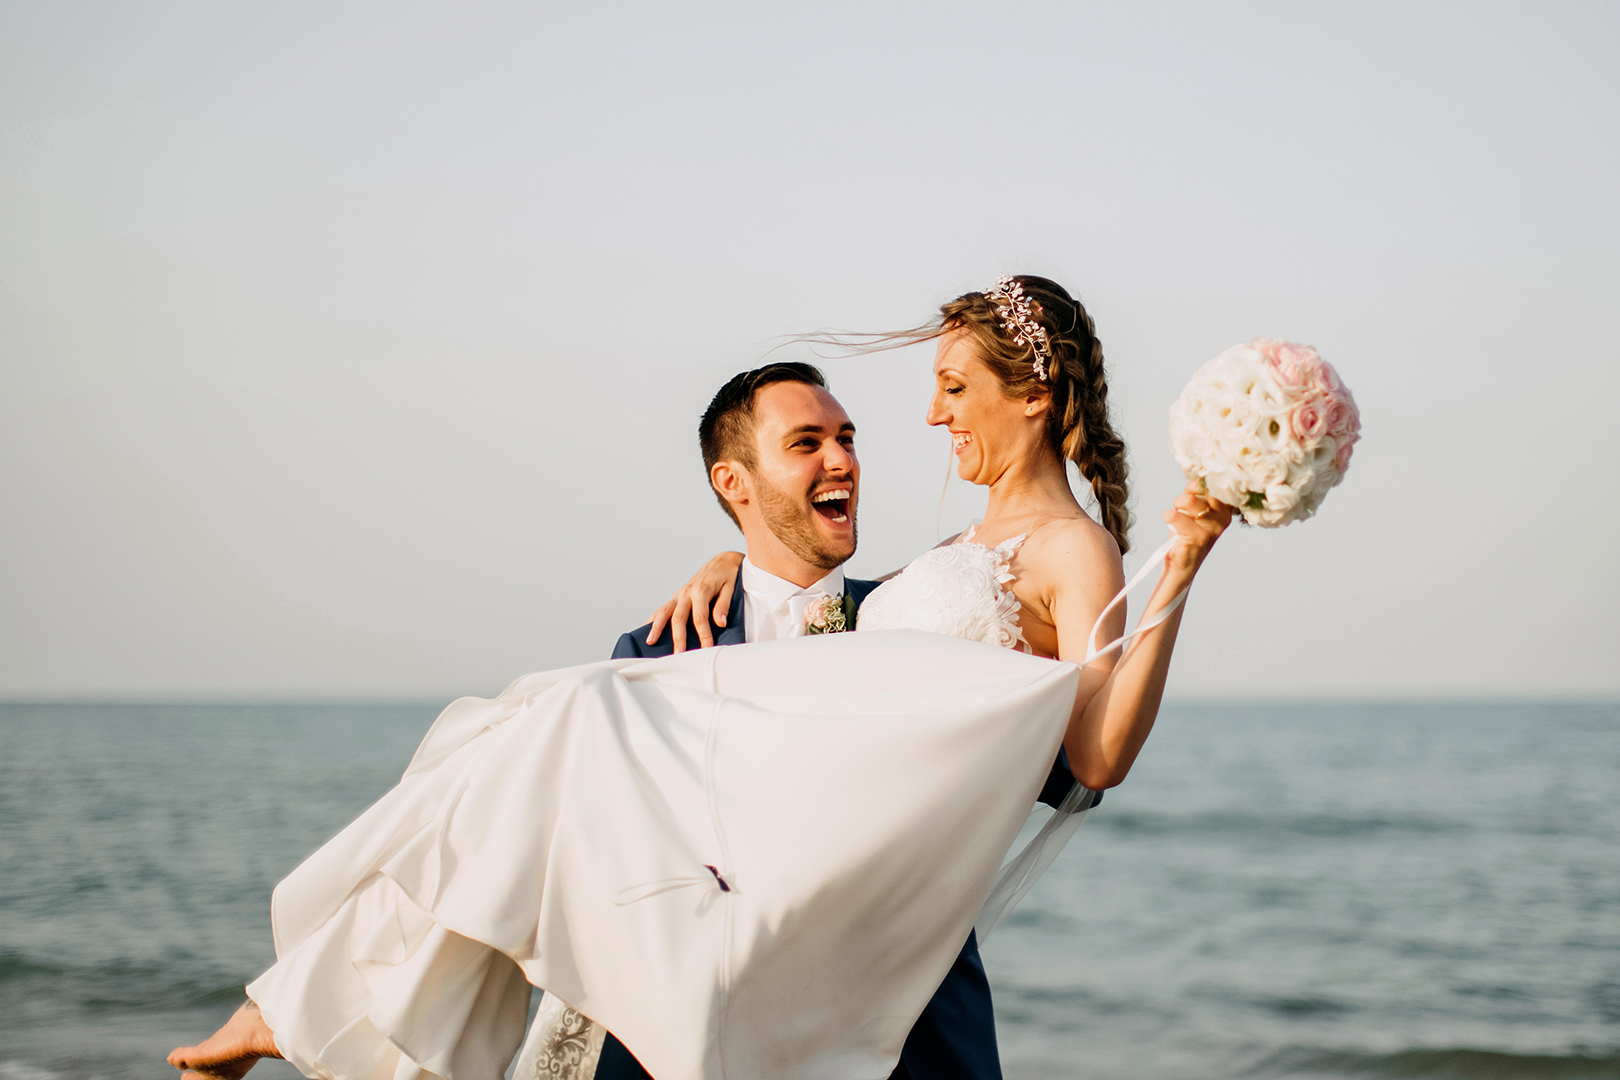 47 gianni-lepore-wedding-matrimonio-fotografo-sposi-spiaggia-mare-lungomare